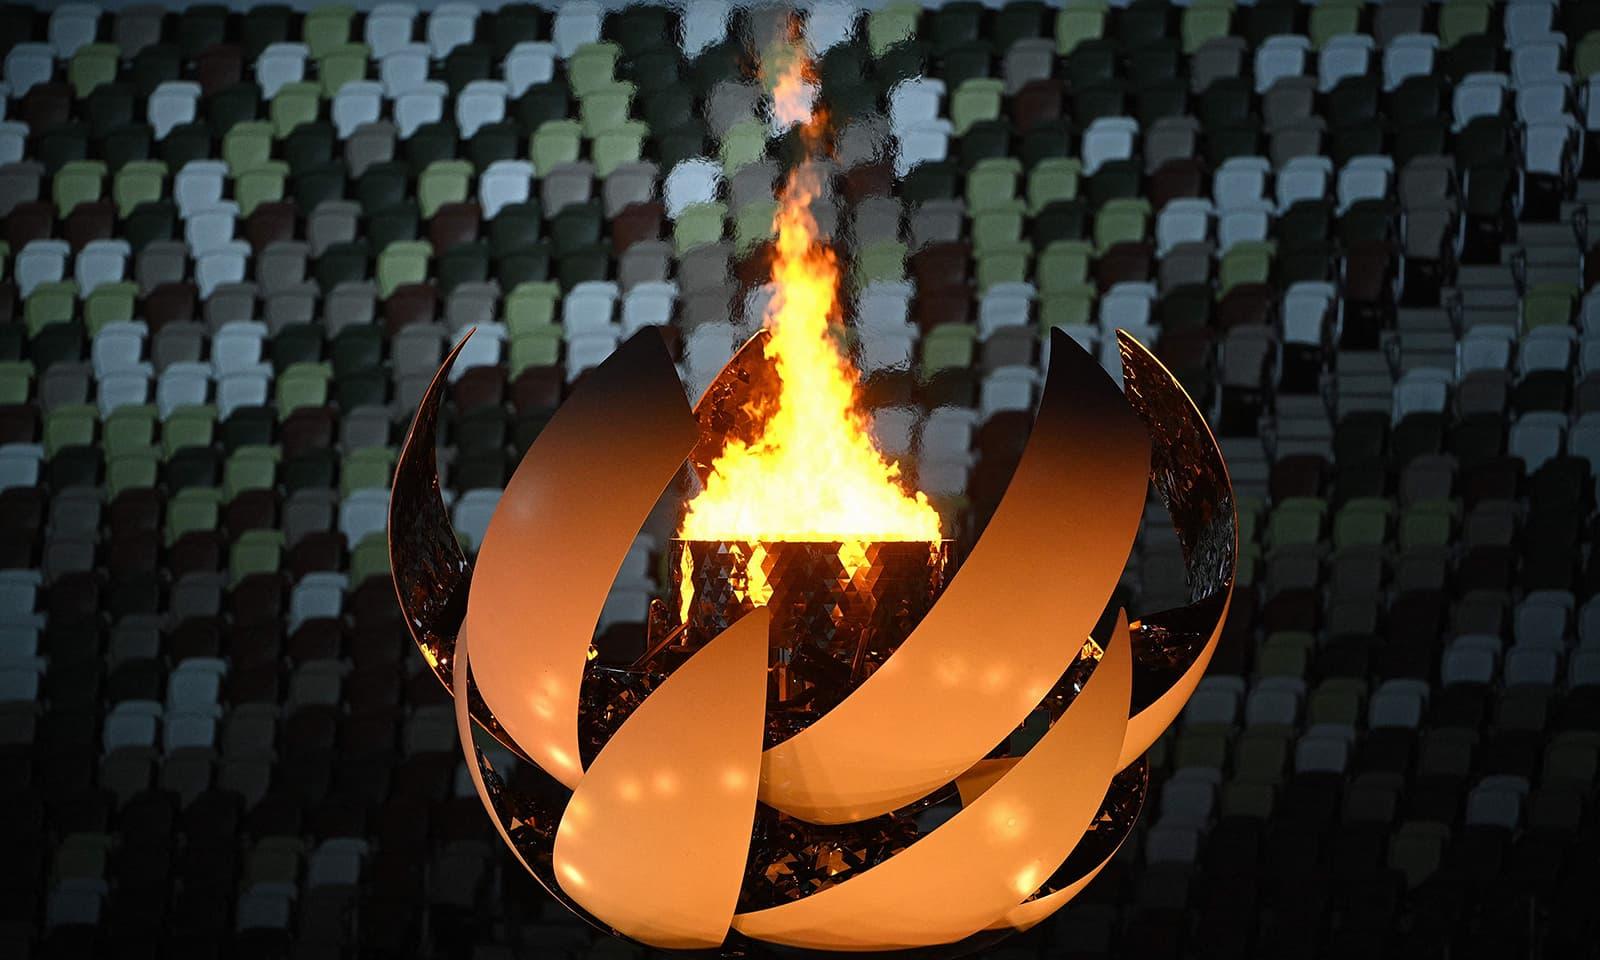 ٹوکیو گیمز کی اولمپک مشعل جاپان میں آخری دفعہ روشن ہوئی—فوٹو: اے ایف پی